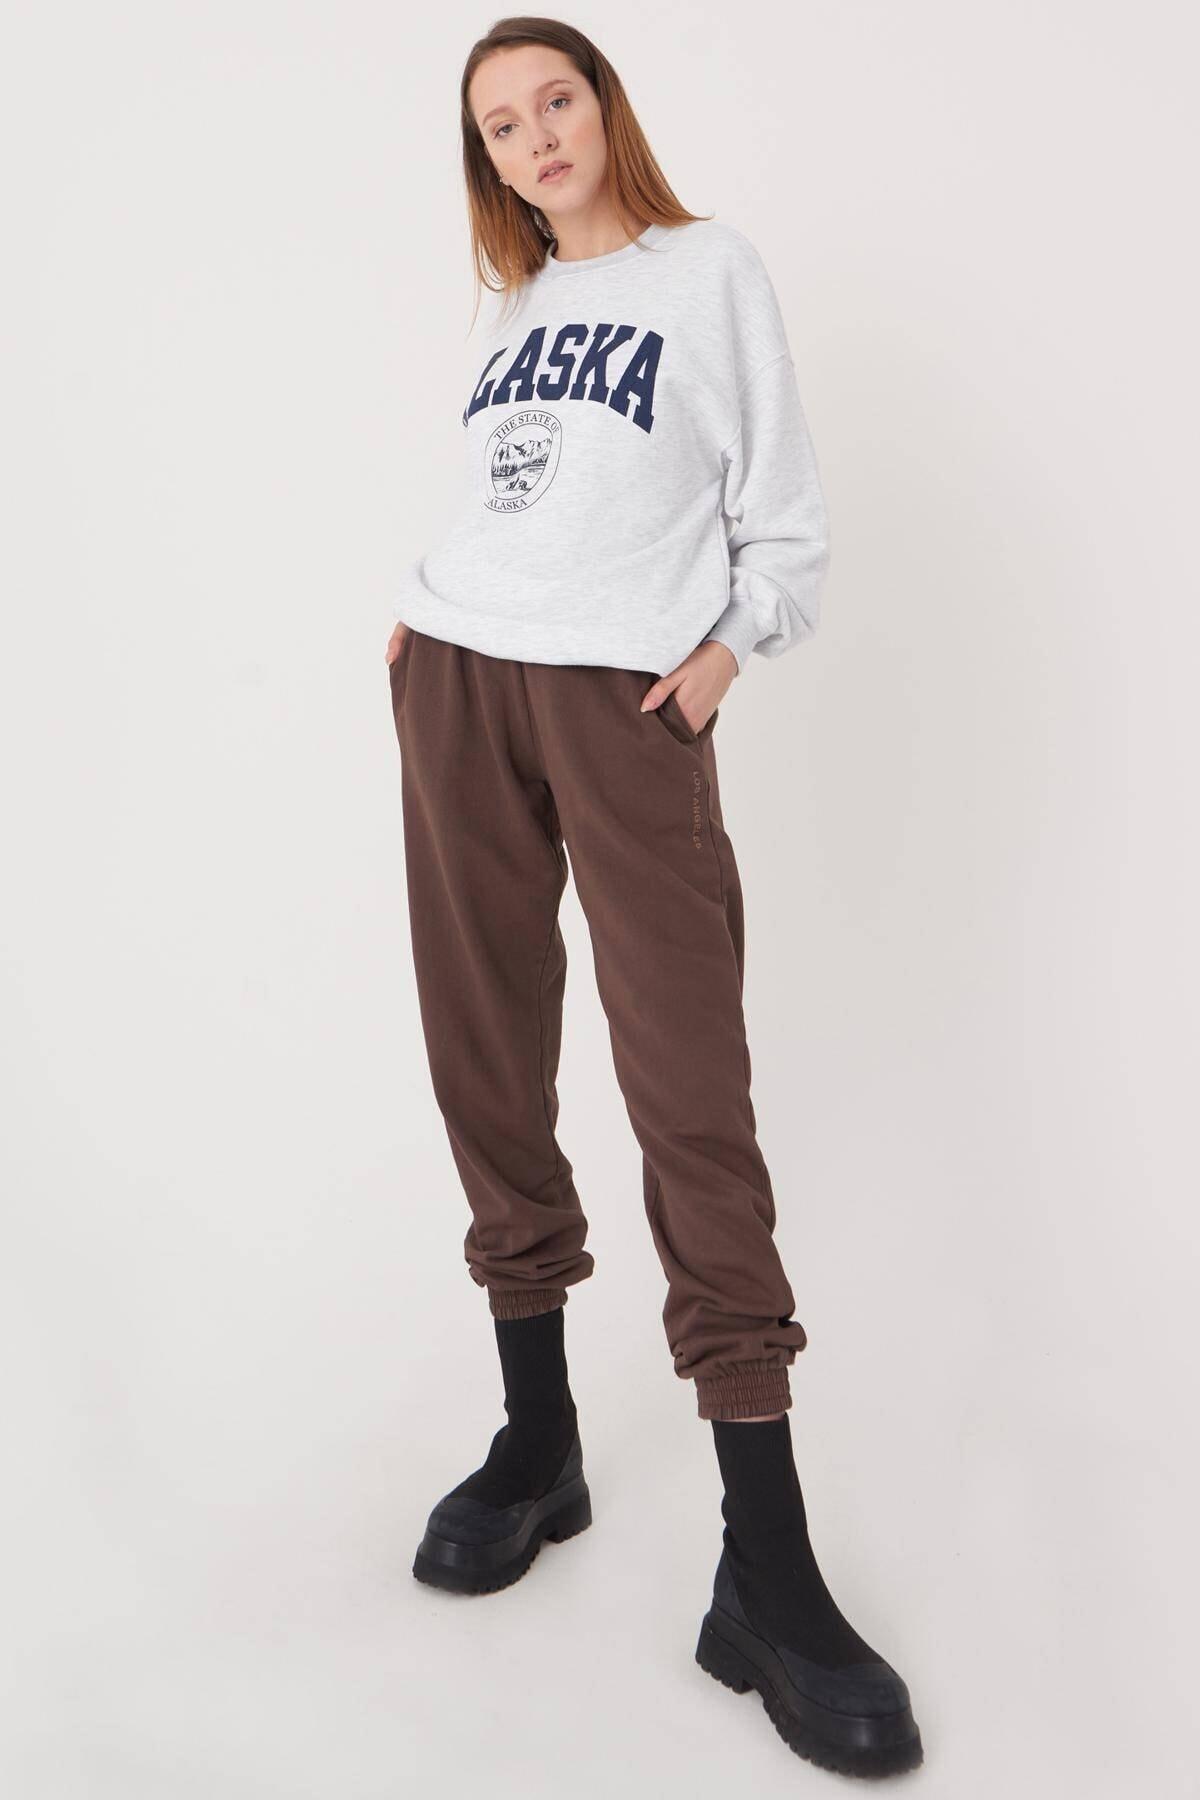 Addax Kadın Kar Melanj Baskılı Sweatshirt S9516 - W4 Adx-0000023575 2